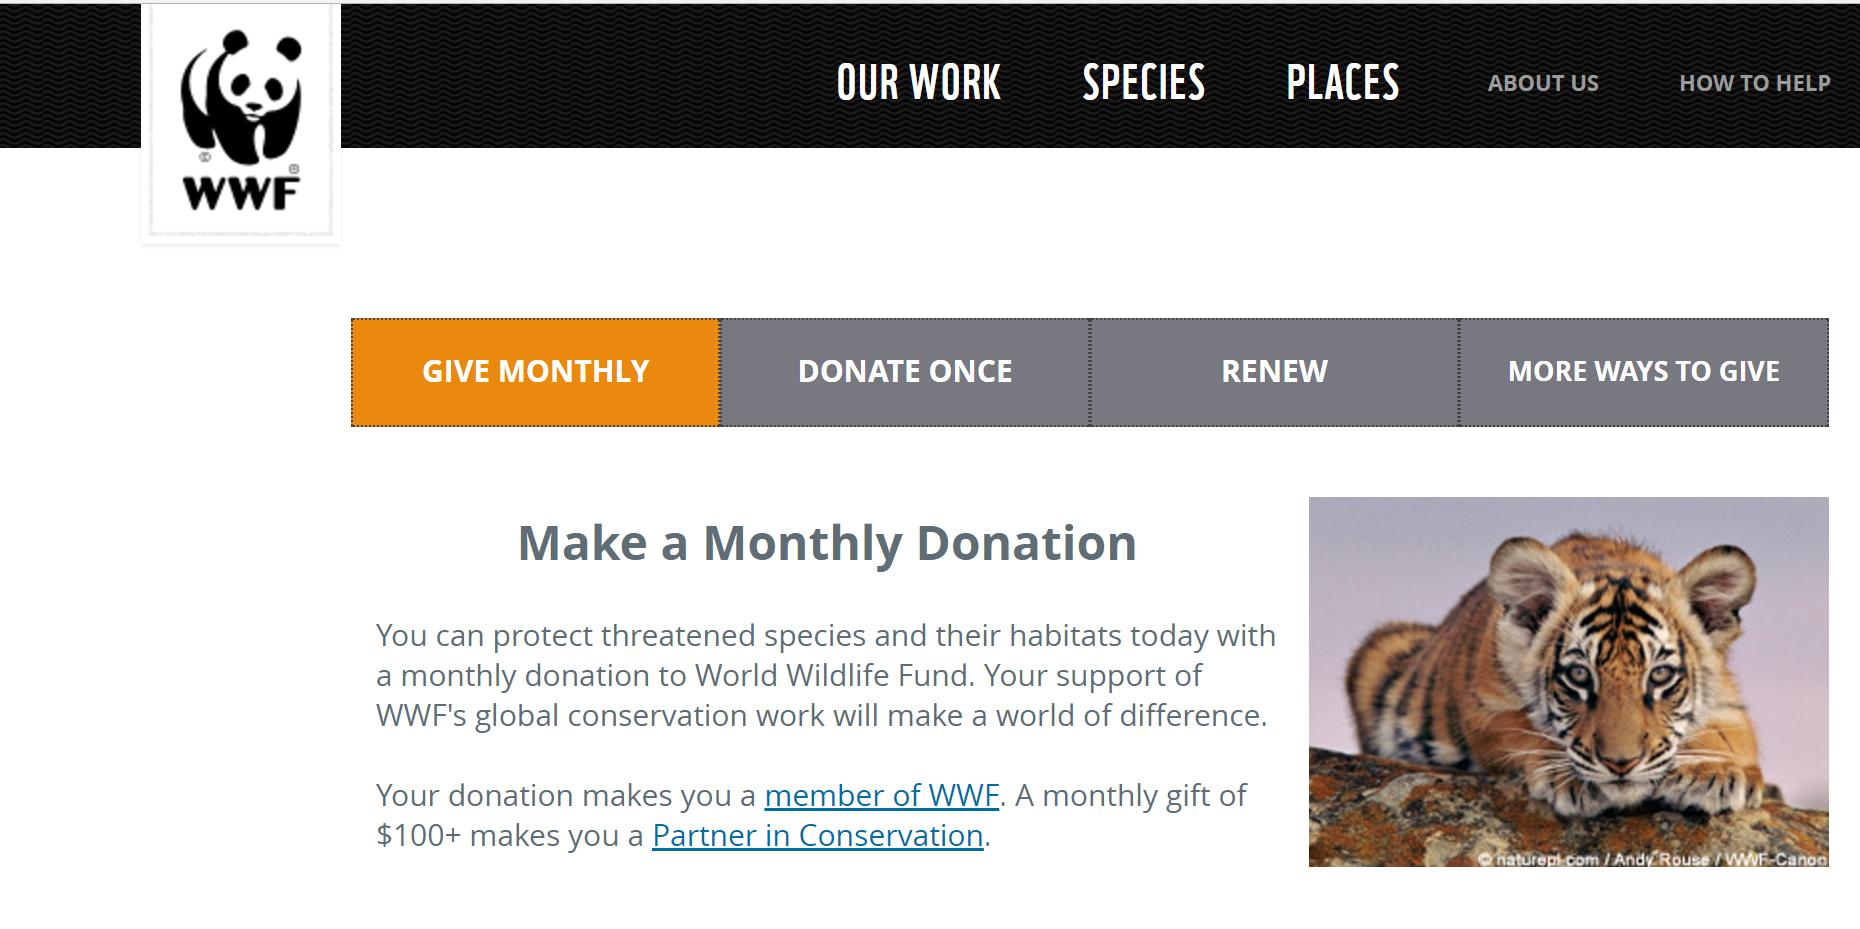 WWF - ホワイトスペースとは?デザインの重要性や効果的な使い方まとめ